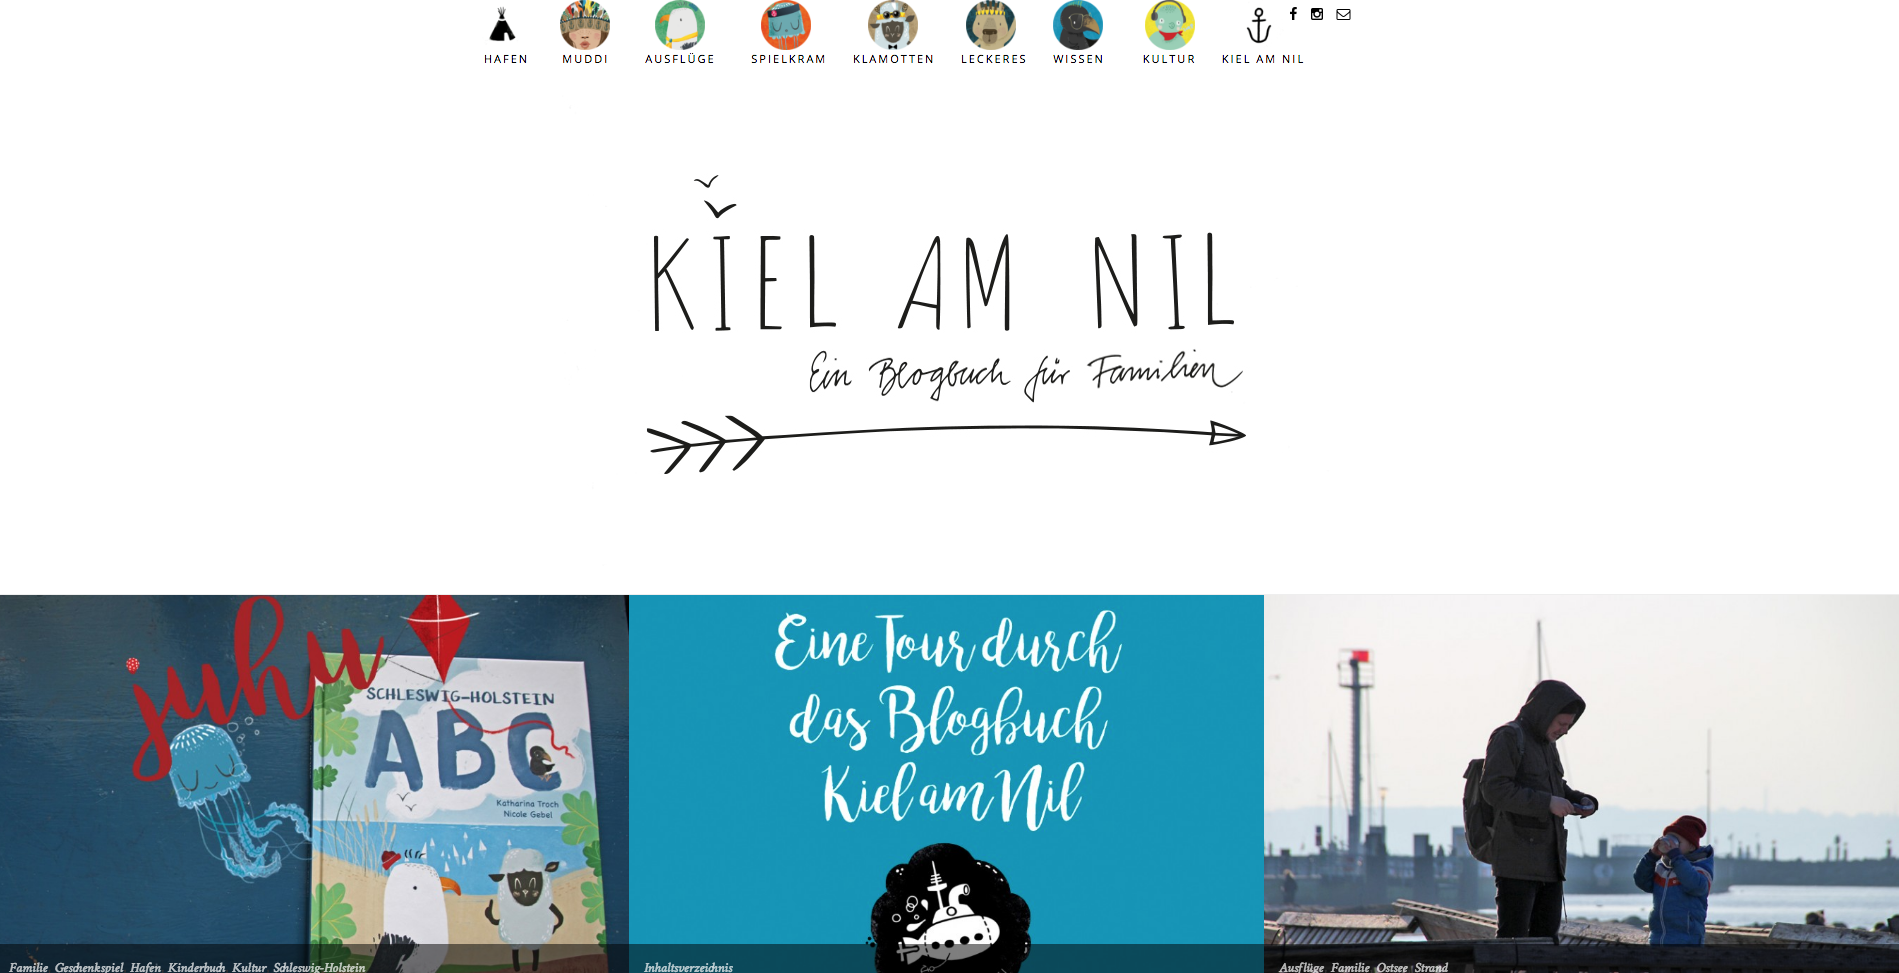 Blogbuch für Familie: Kiel am Nil